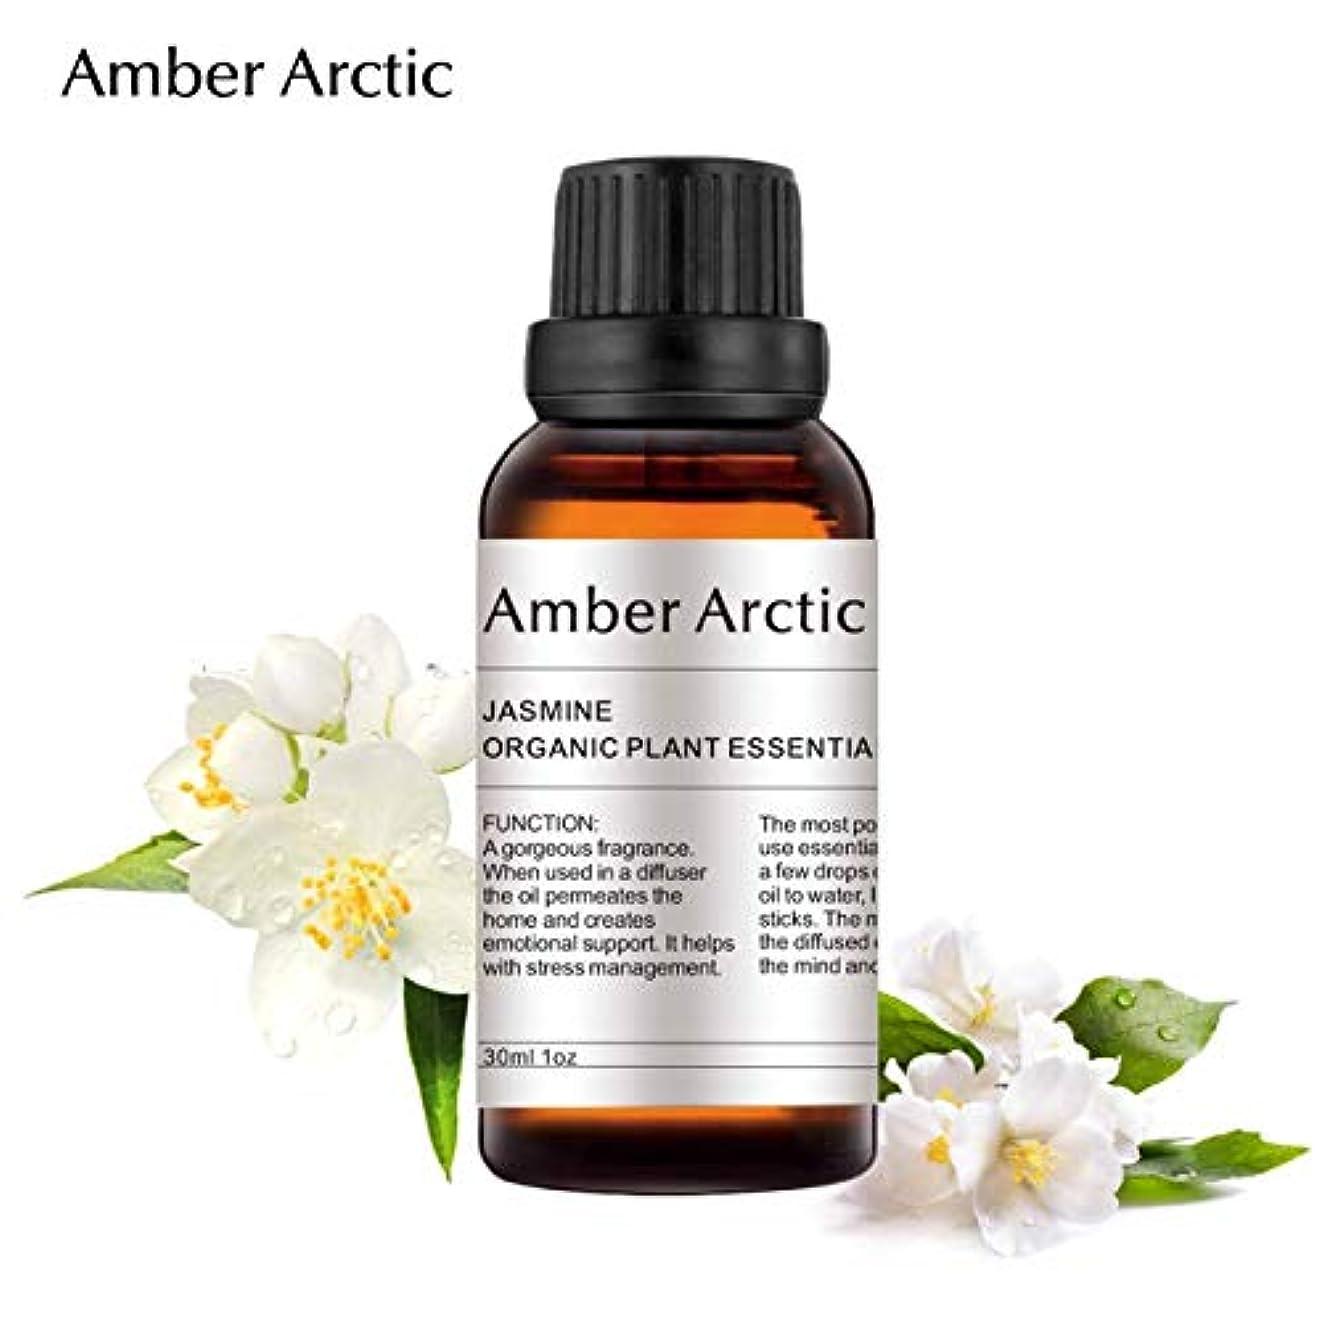 ソビエト国次へAMBER ARCTIC エッセンシャル オイル ディフューザー 用 100% 純粋 新鮮 有機 植物 セラピー オイル 30Ml ジャスミン ジャスミン